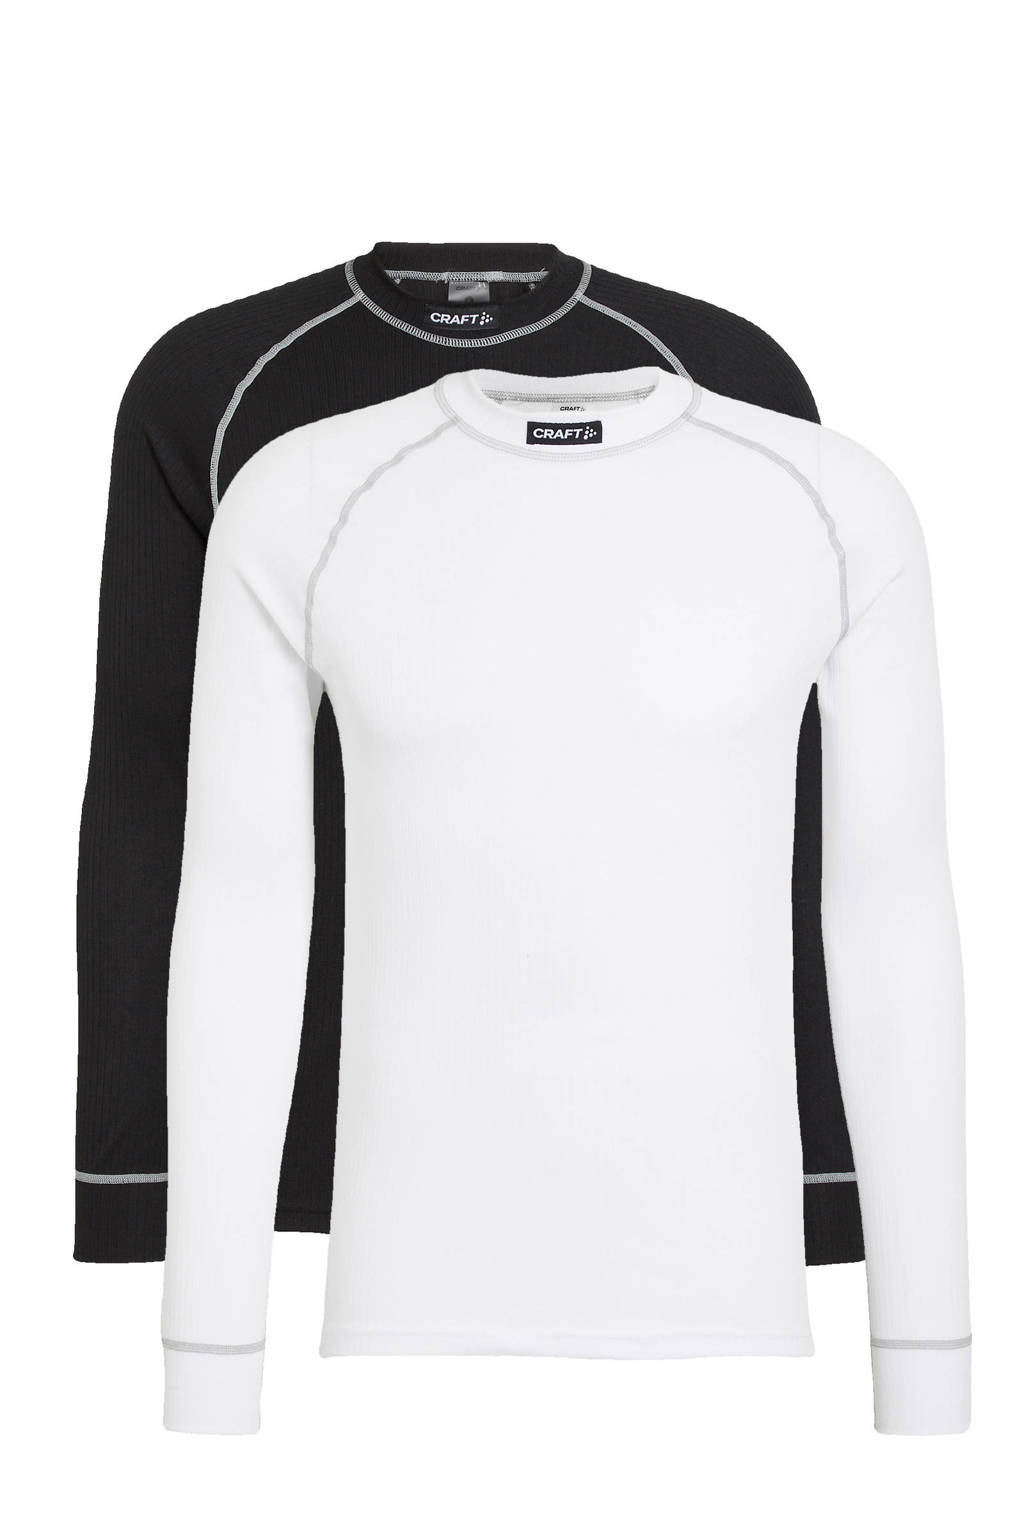 Craft thermoshirt zwart/wit (set van 2), Zwart/wit